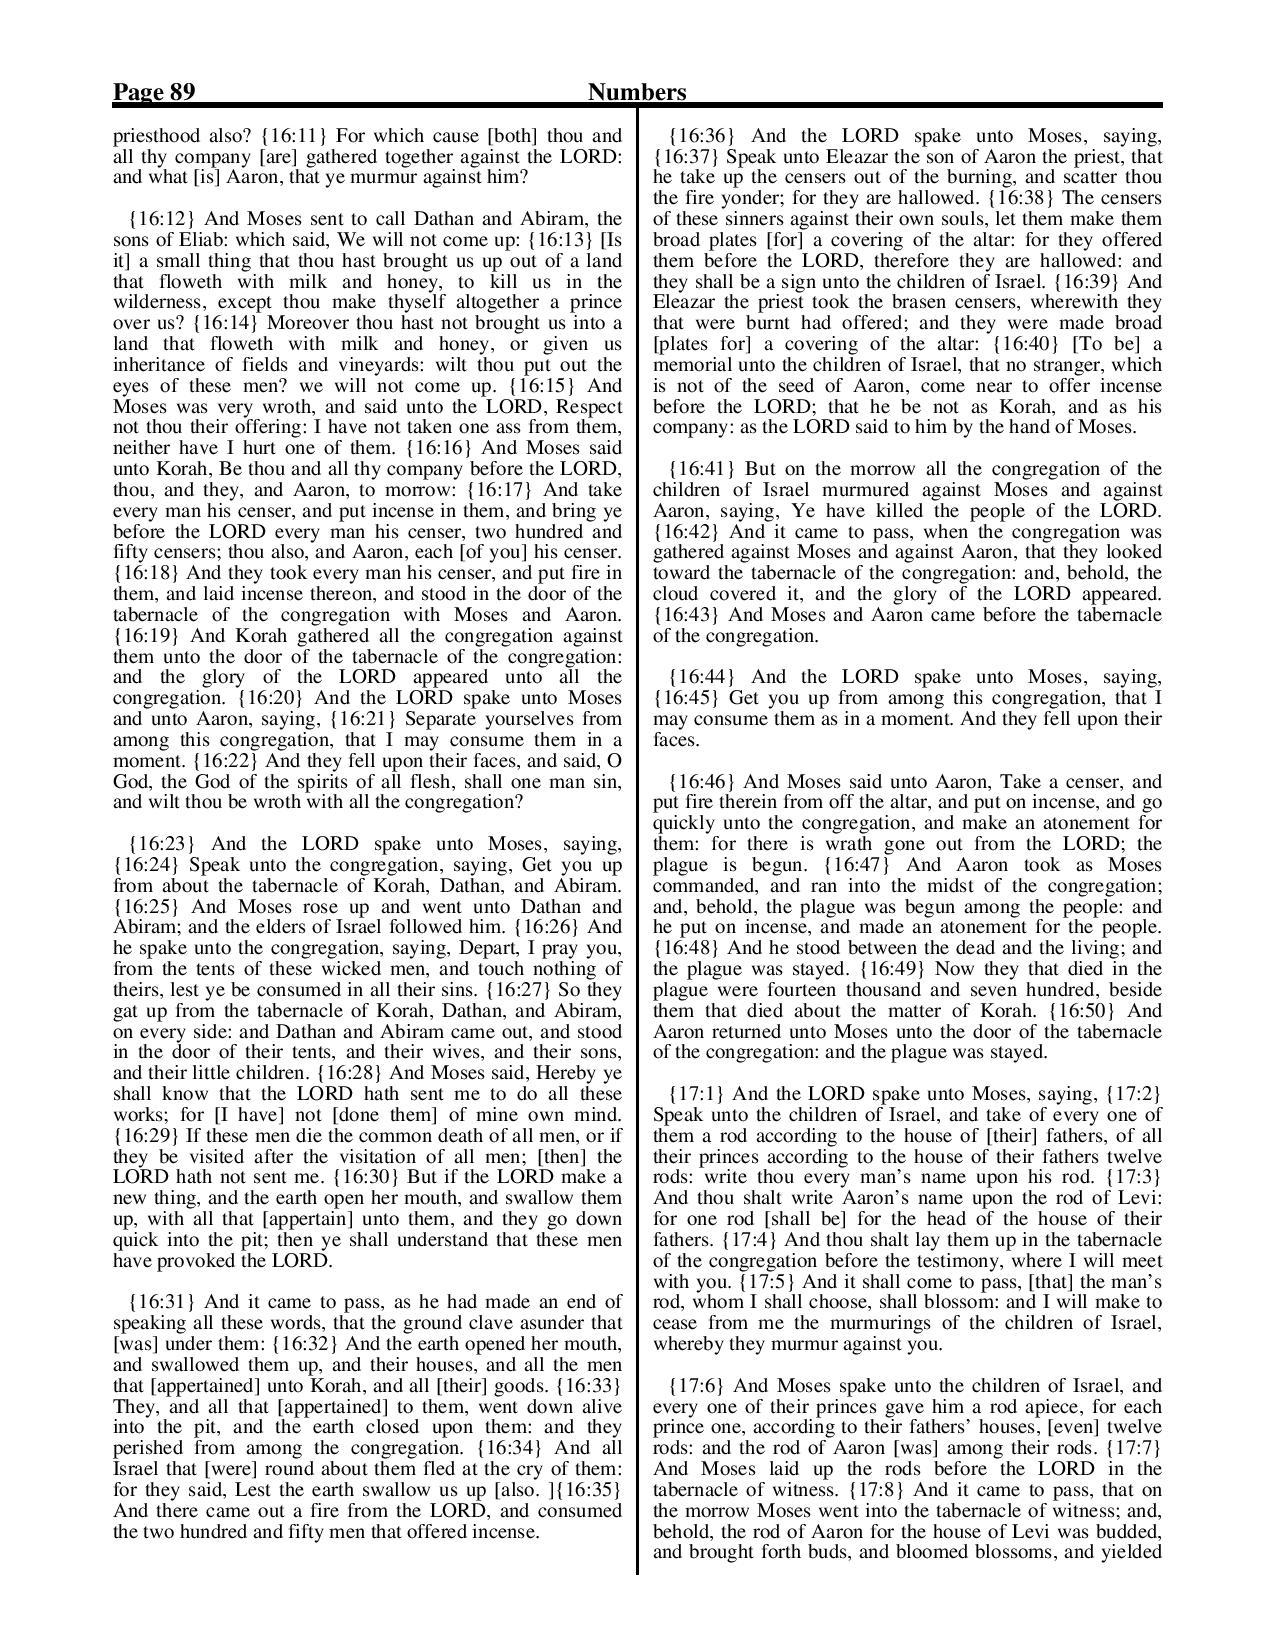 King-James-Bible-KJV-Bible-PDF-page-110